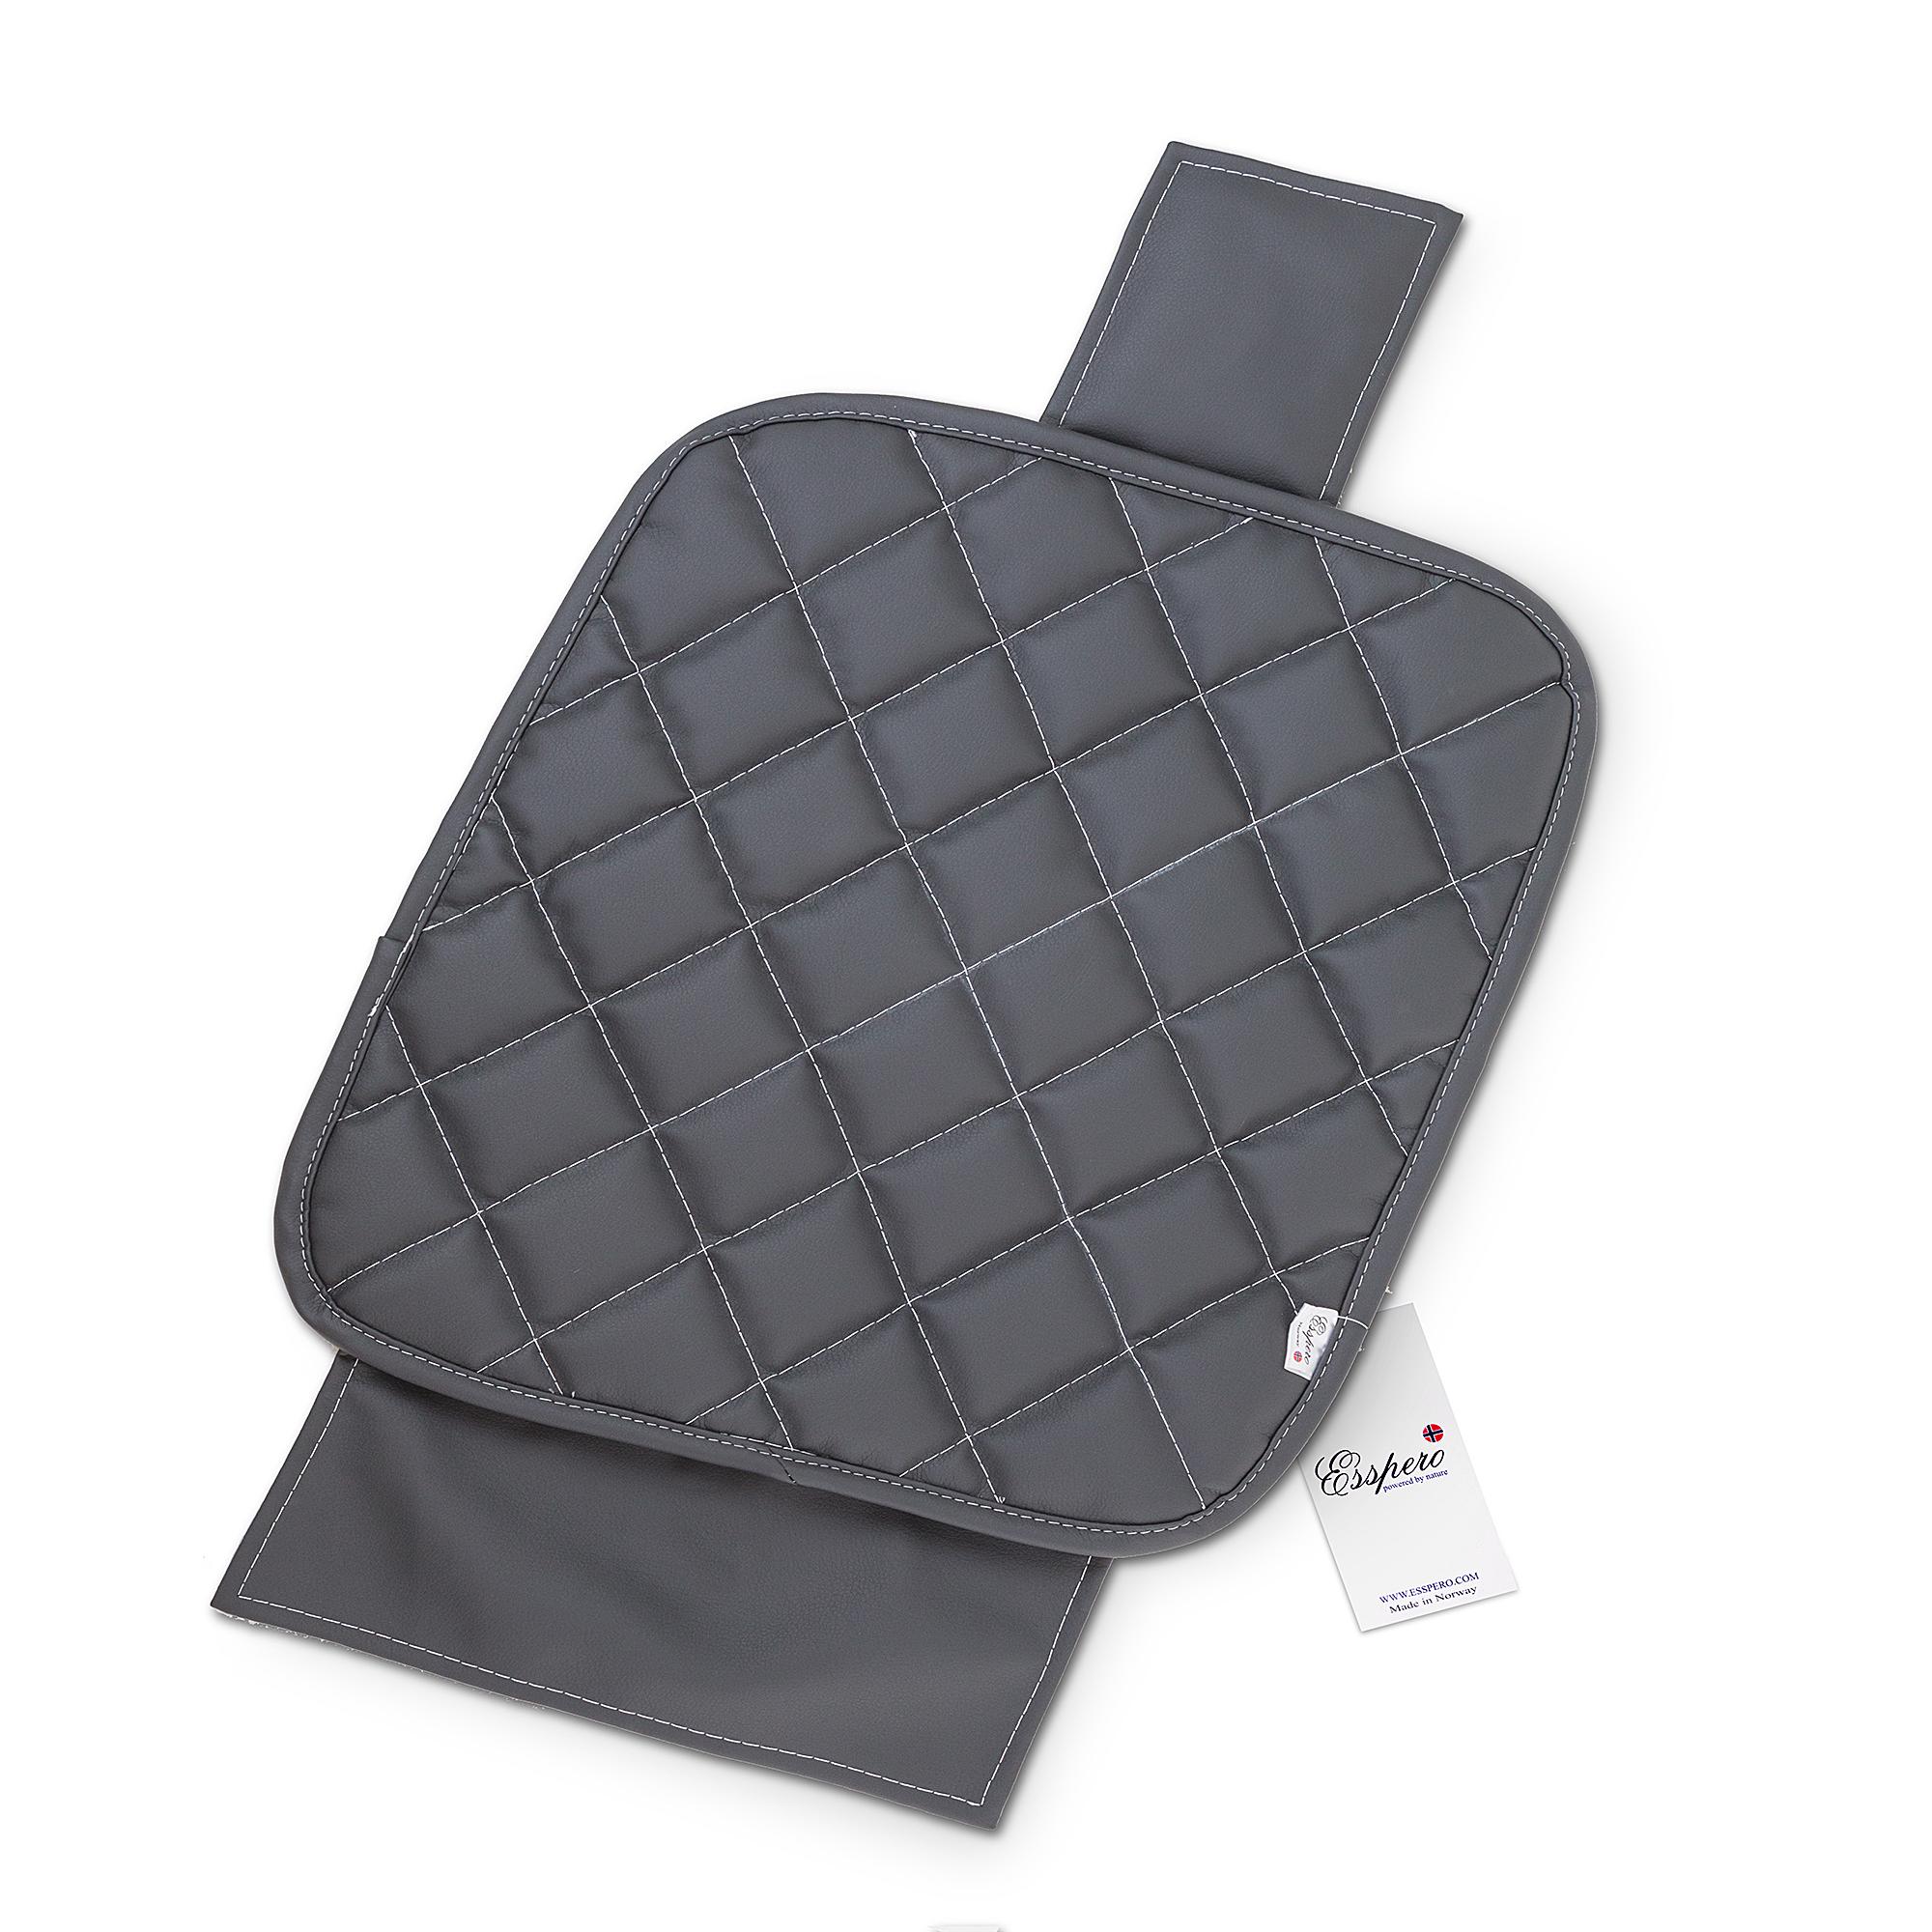 Коврик под кресло Esspero One Cover Grey